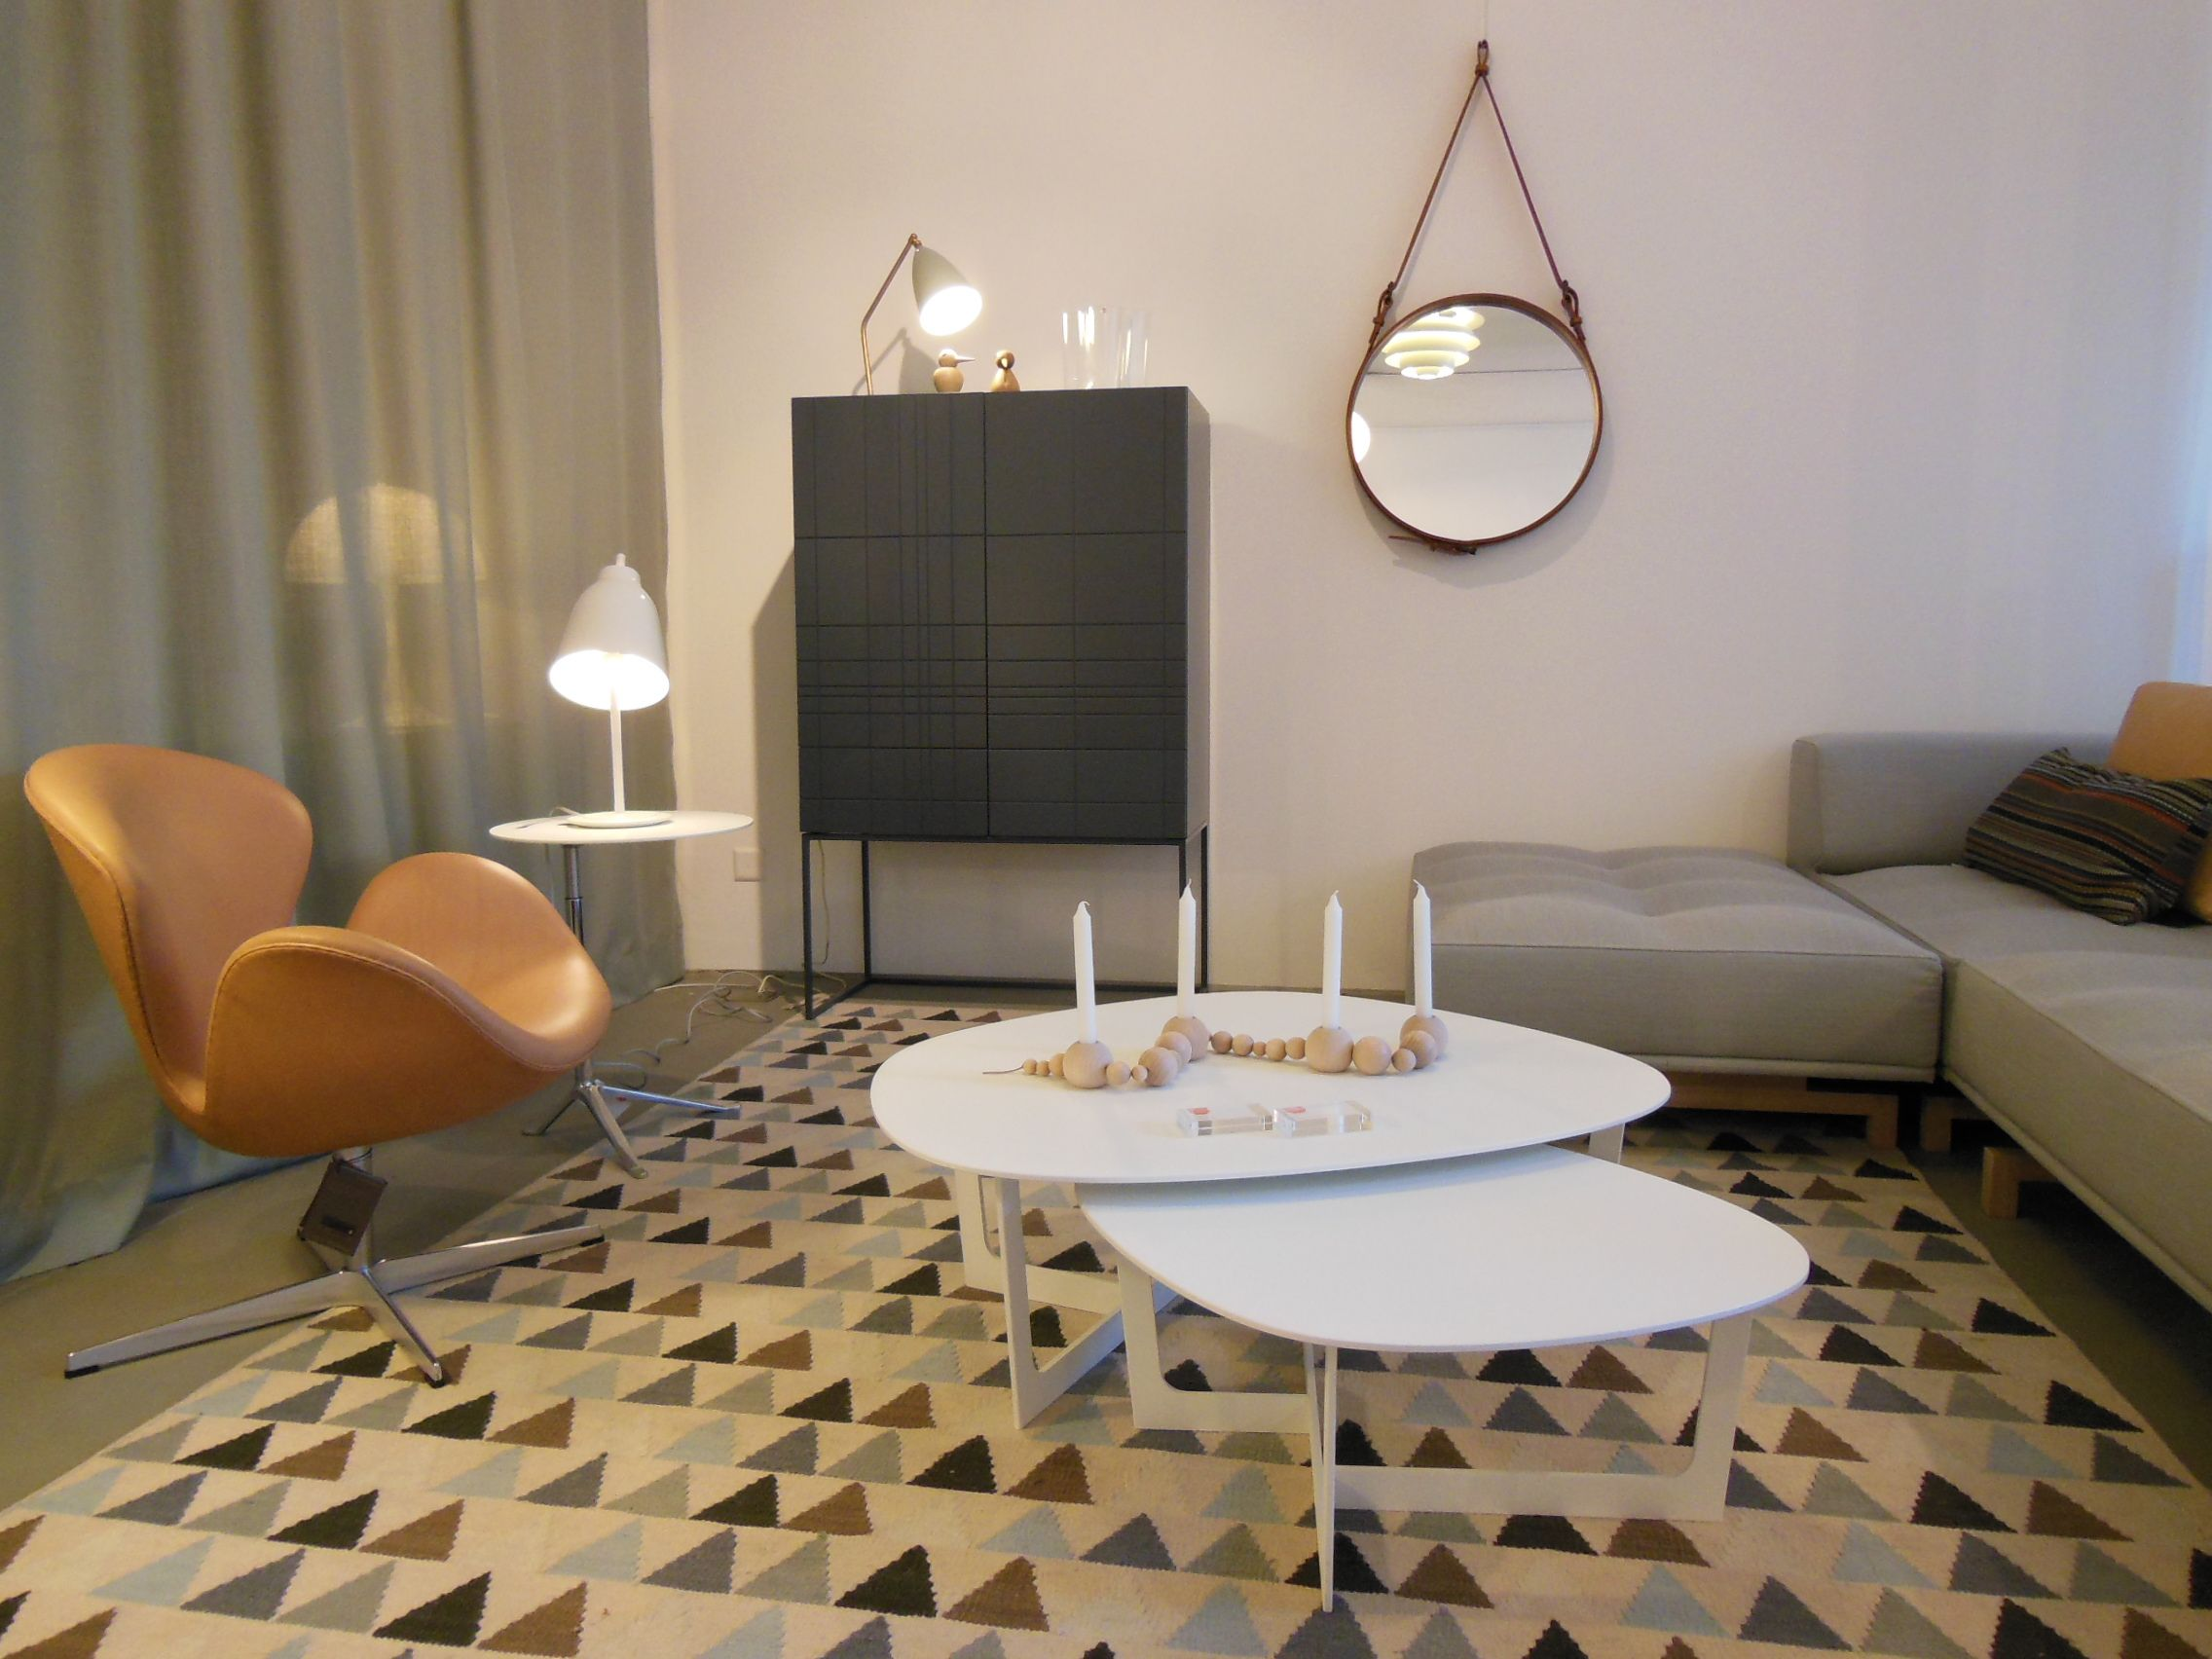 Swan armchair by Arne Jacobsen from Fritz Hansen Kilt Light